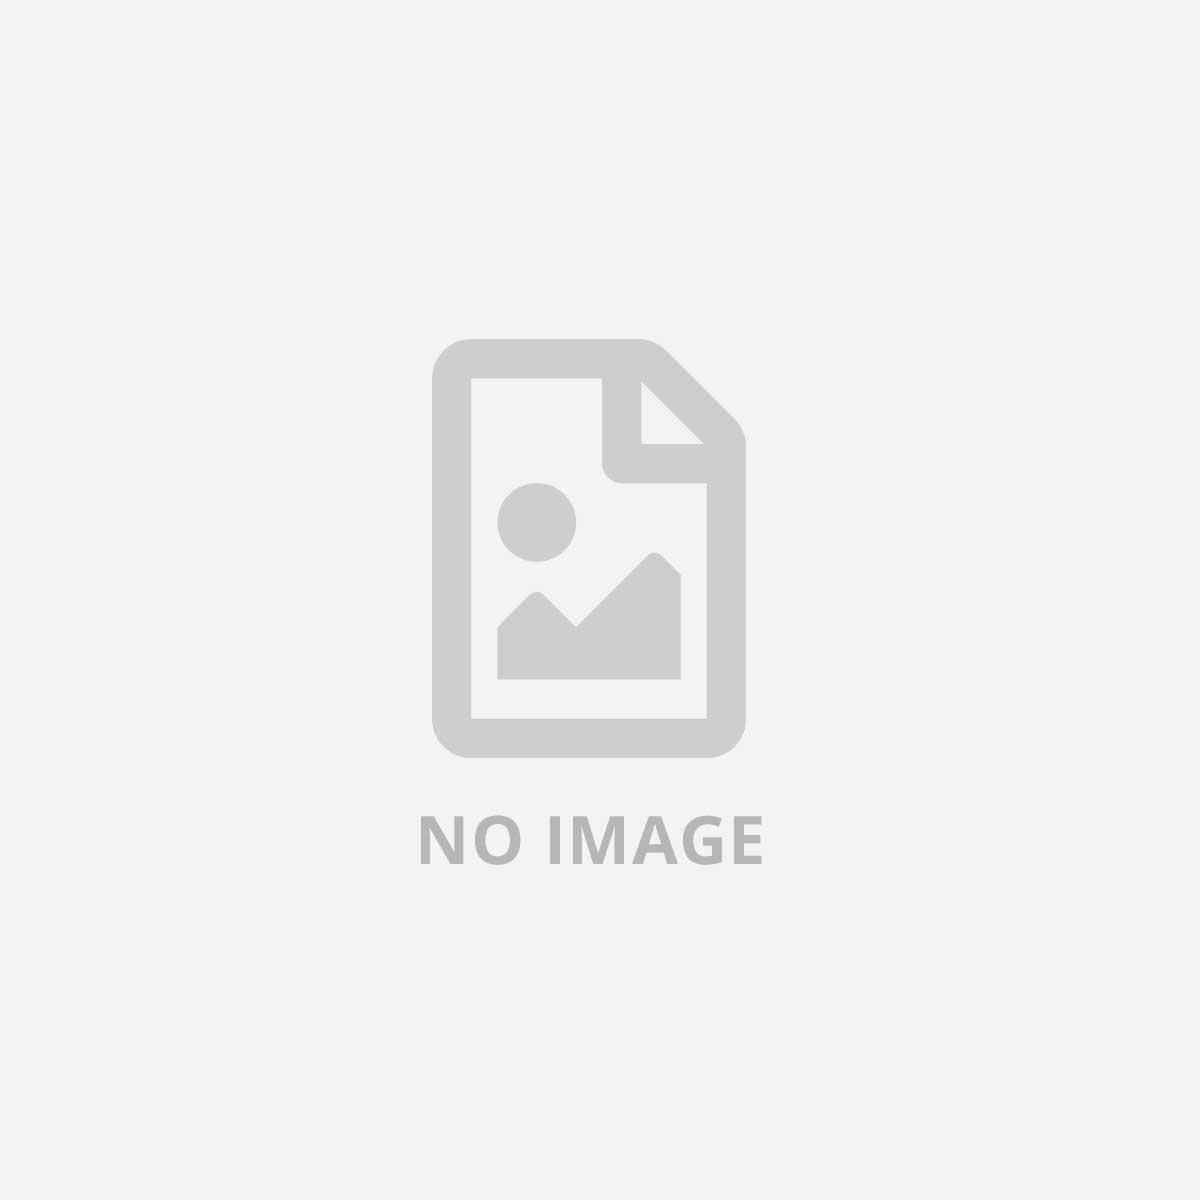 WESTERN DIGITAL HDD 3.5 1TB 7200 64MB SATA3 (DK)